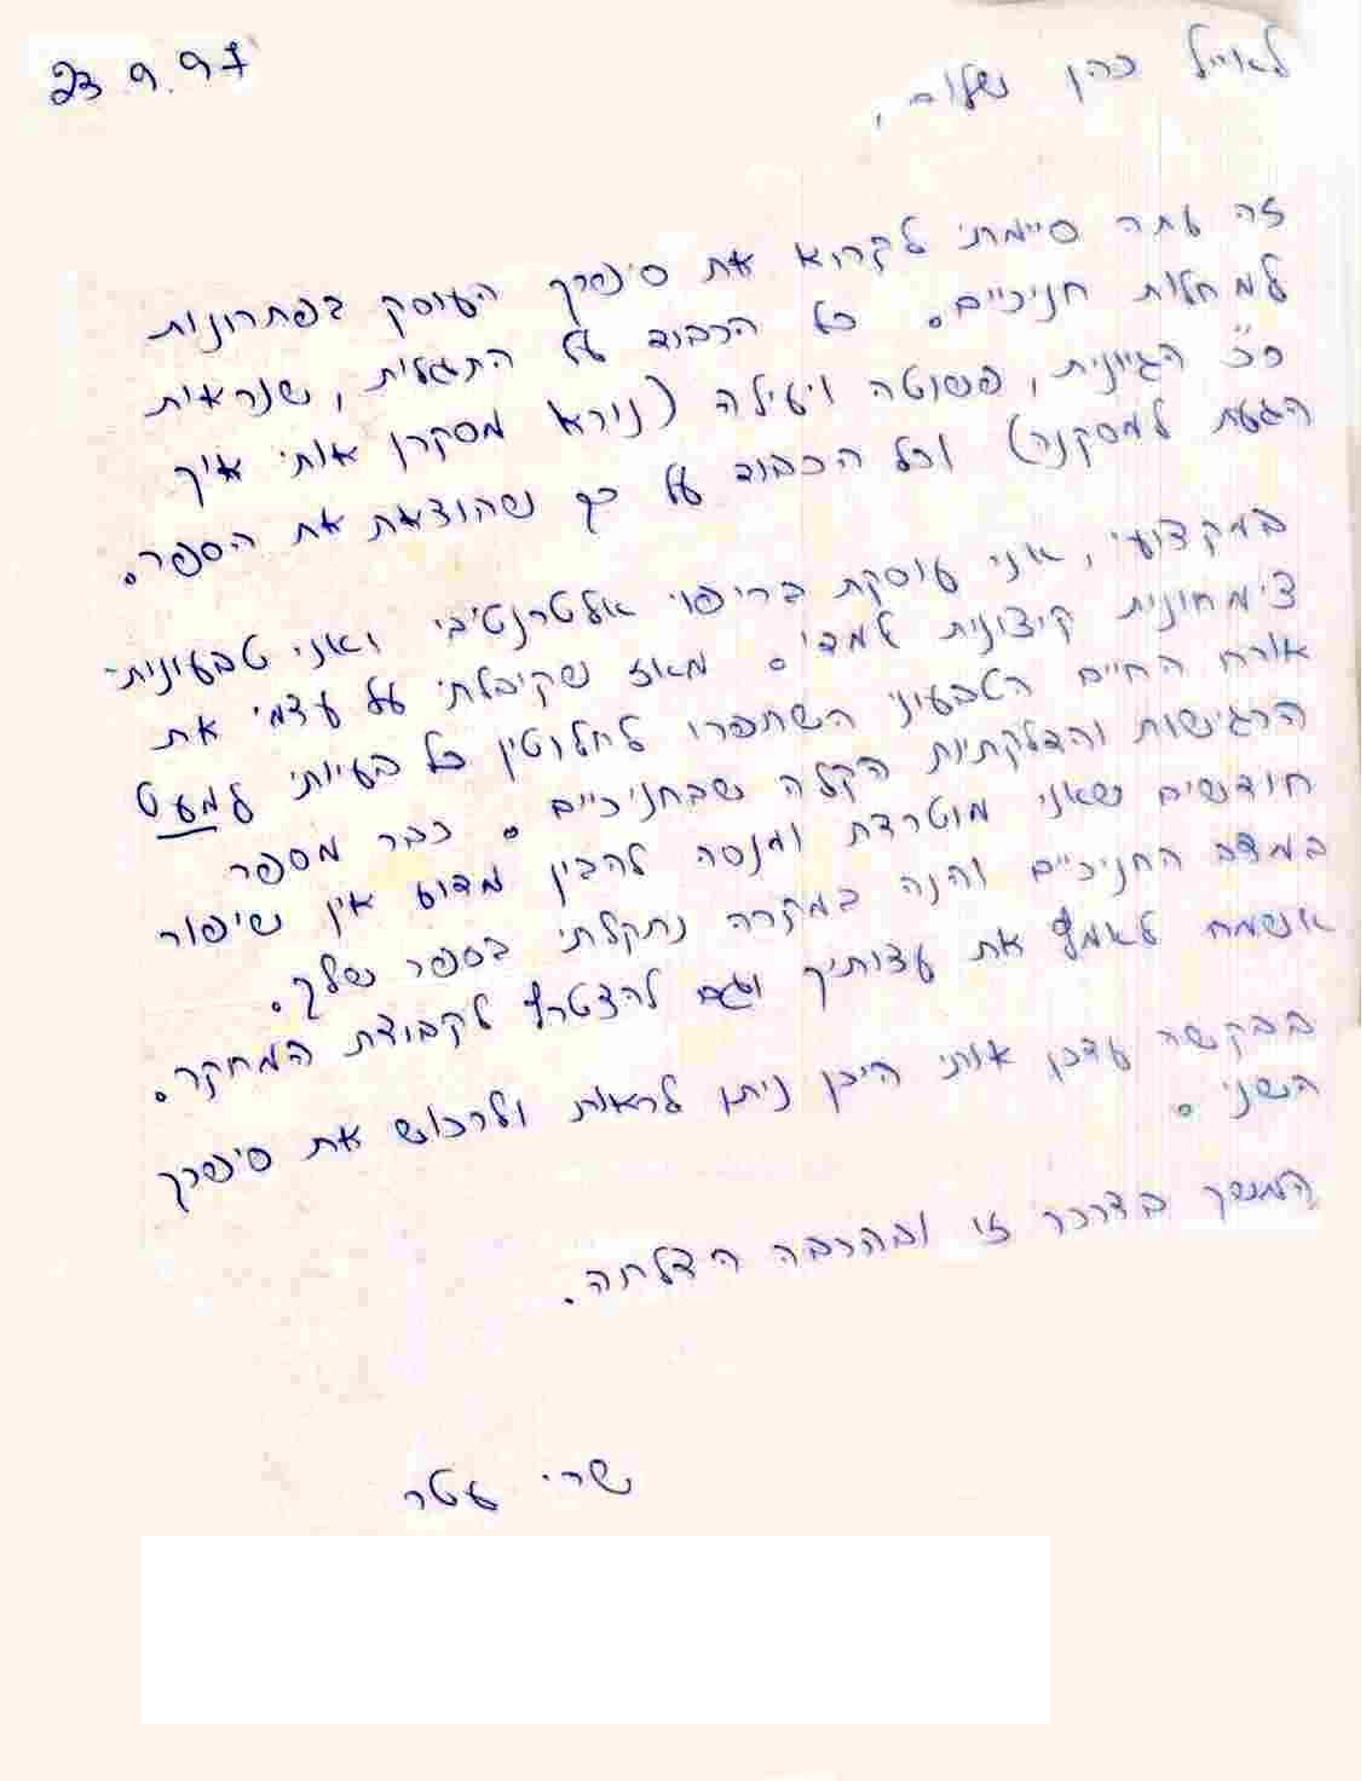 מכתב משרי עטר, מטפלת הוליסטית